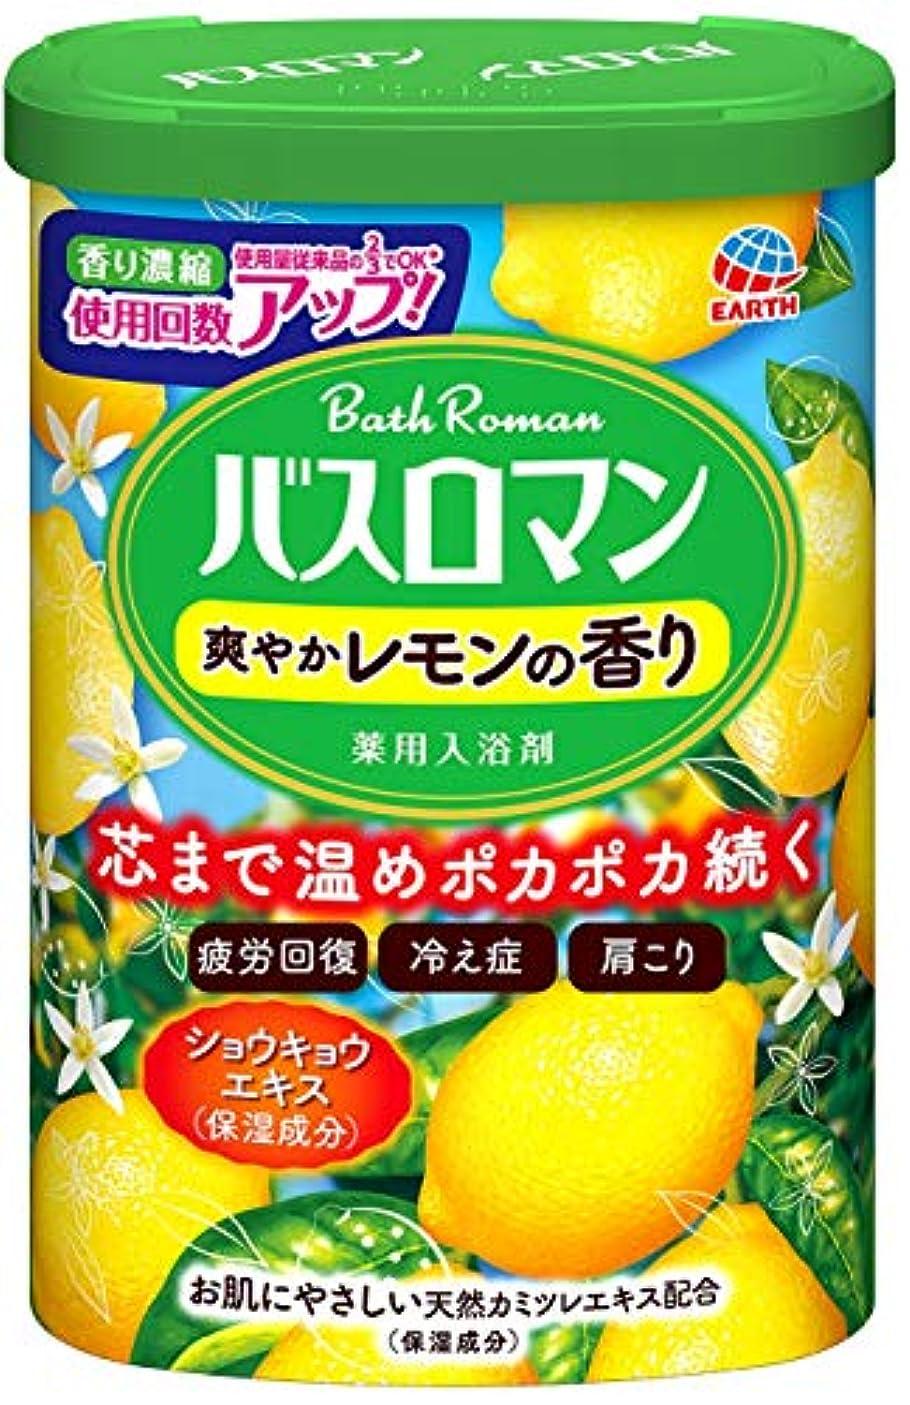 【医薬部外品】バスロマン 入浴剤 爽やかレモンの香り [600g]